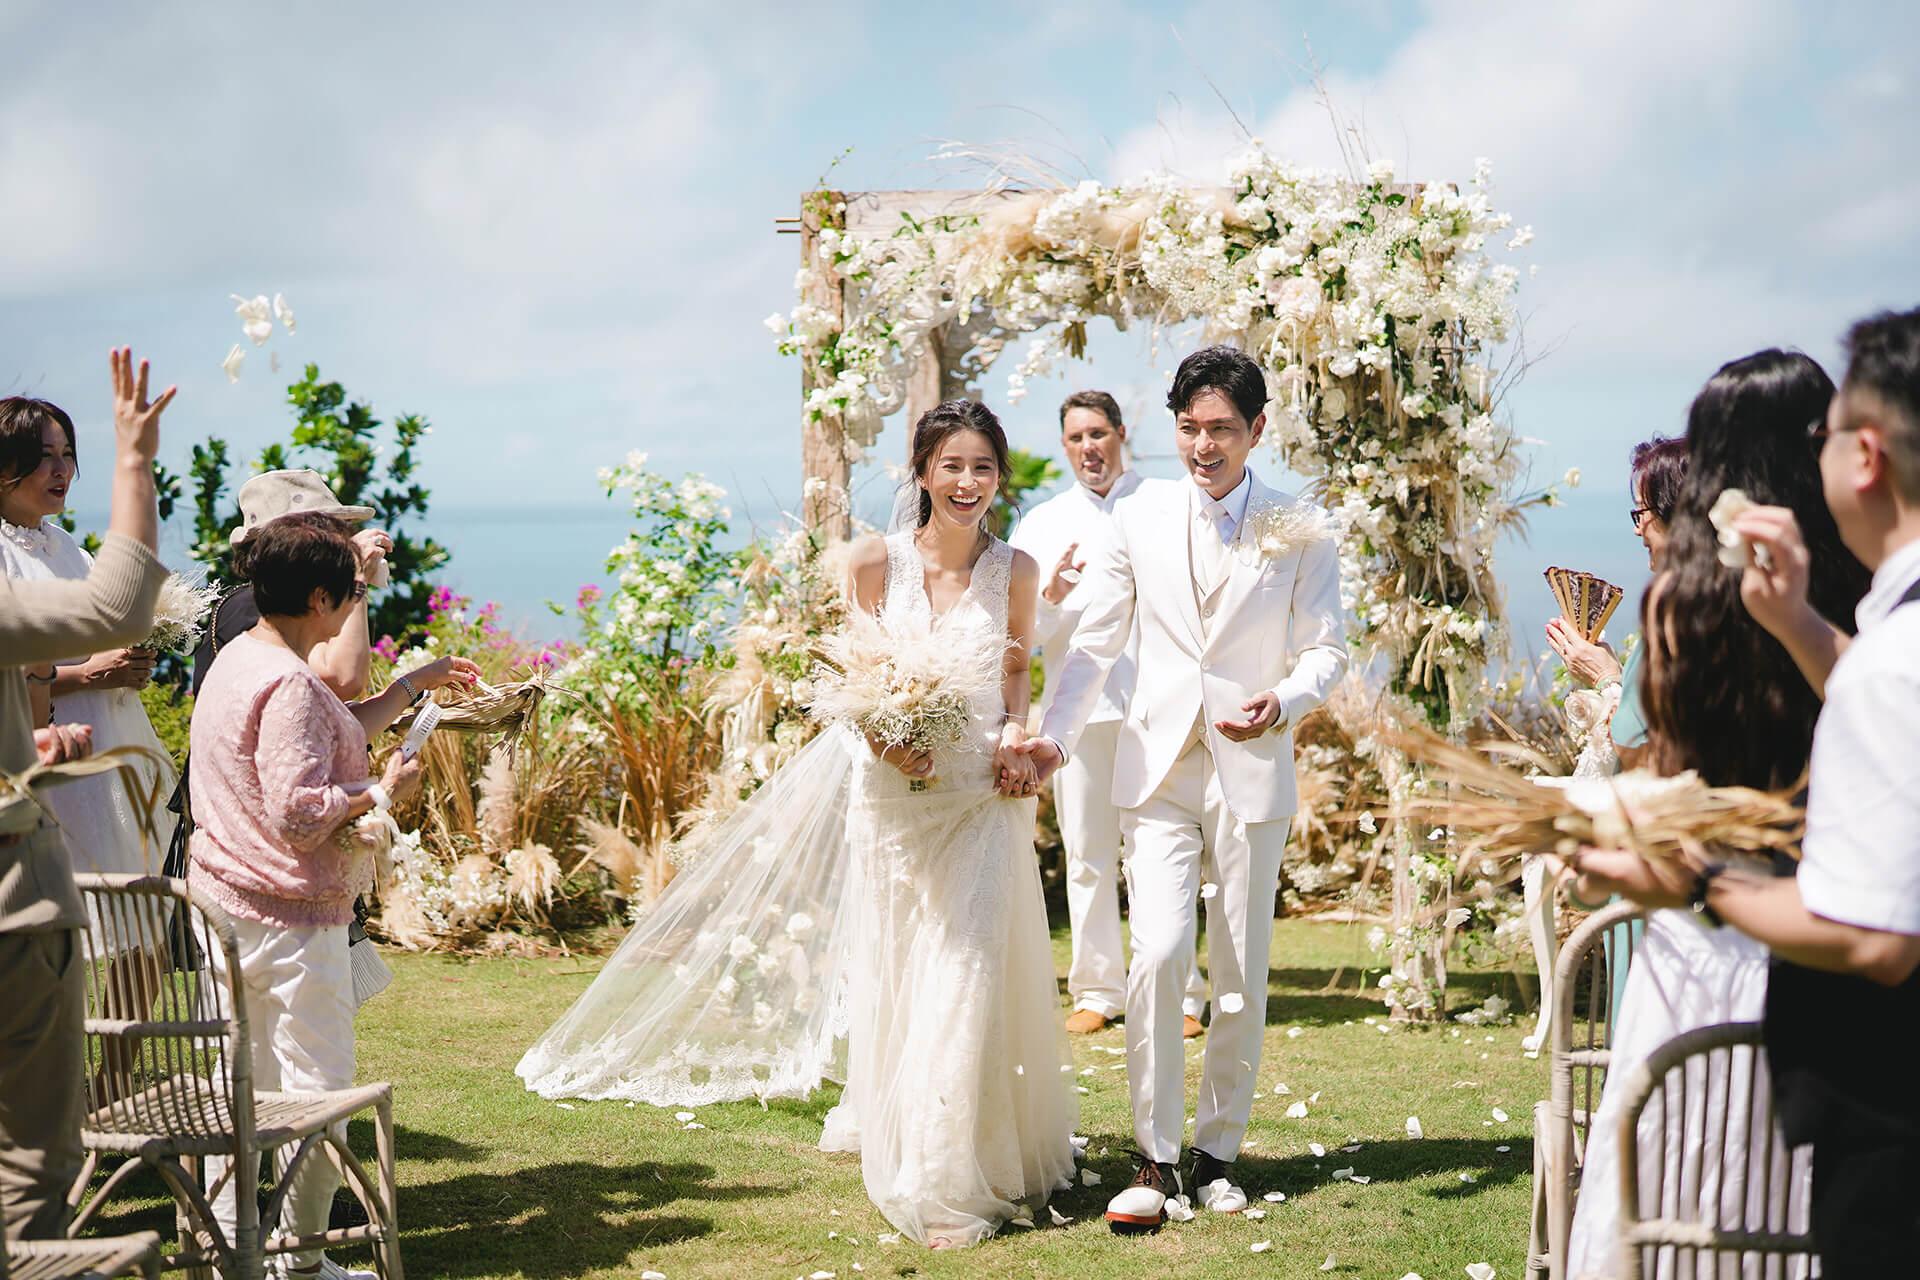 婚禮上,兩人除了攜手相約並肩走這輩子,更約定下輩子再廝守。